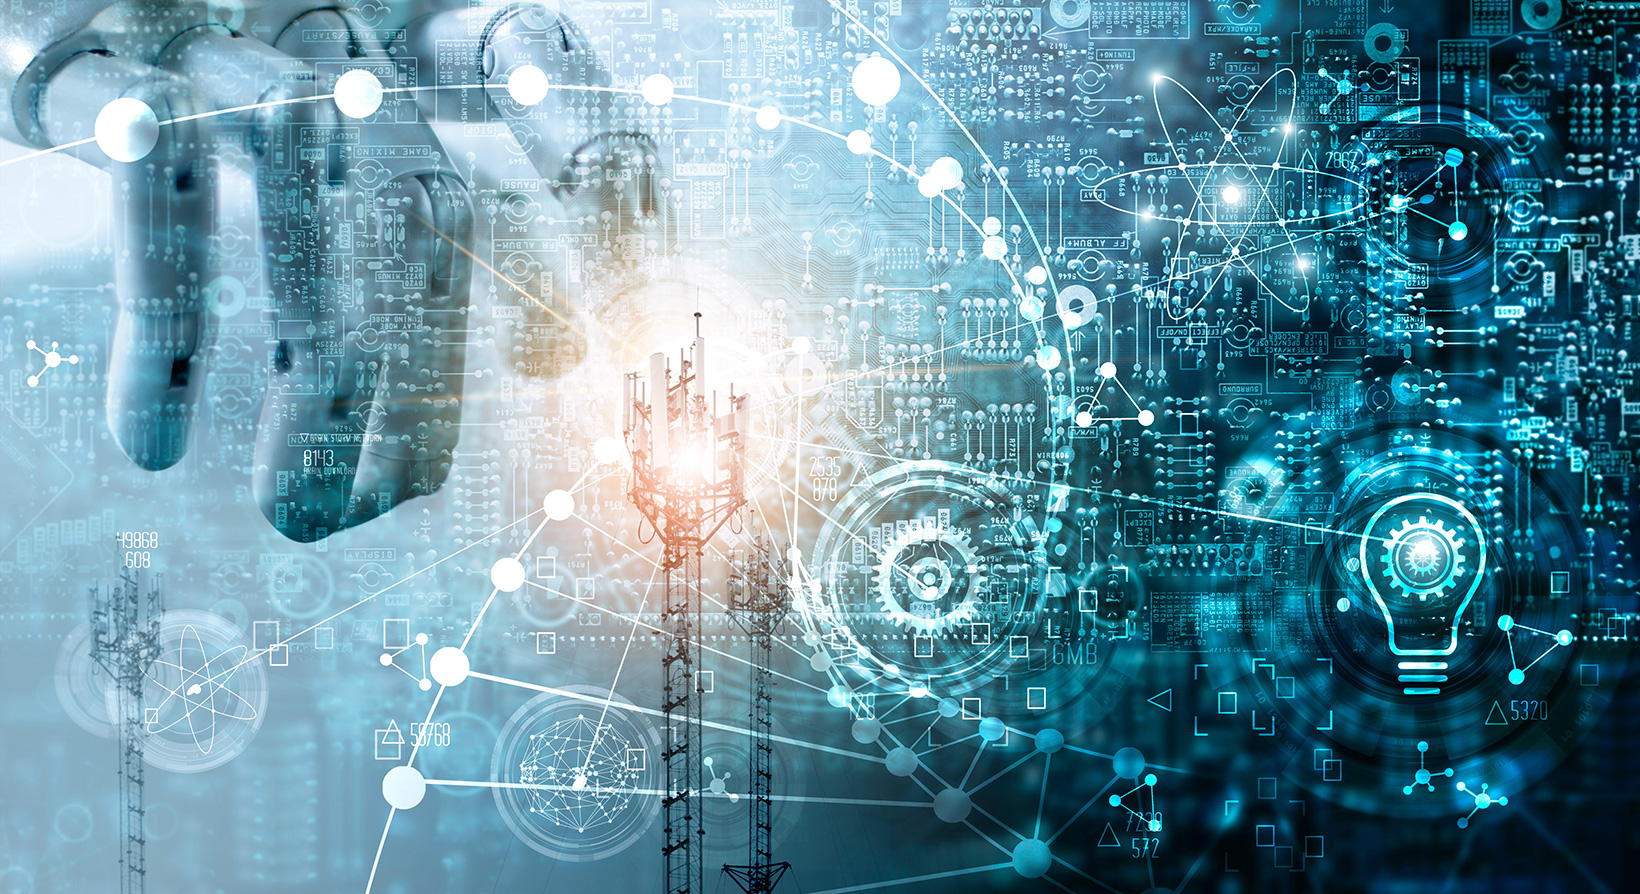 构建工业物联网架构需要投资4种技术